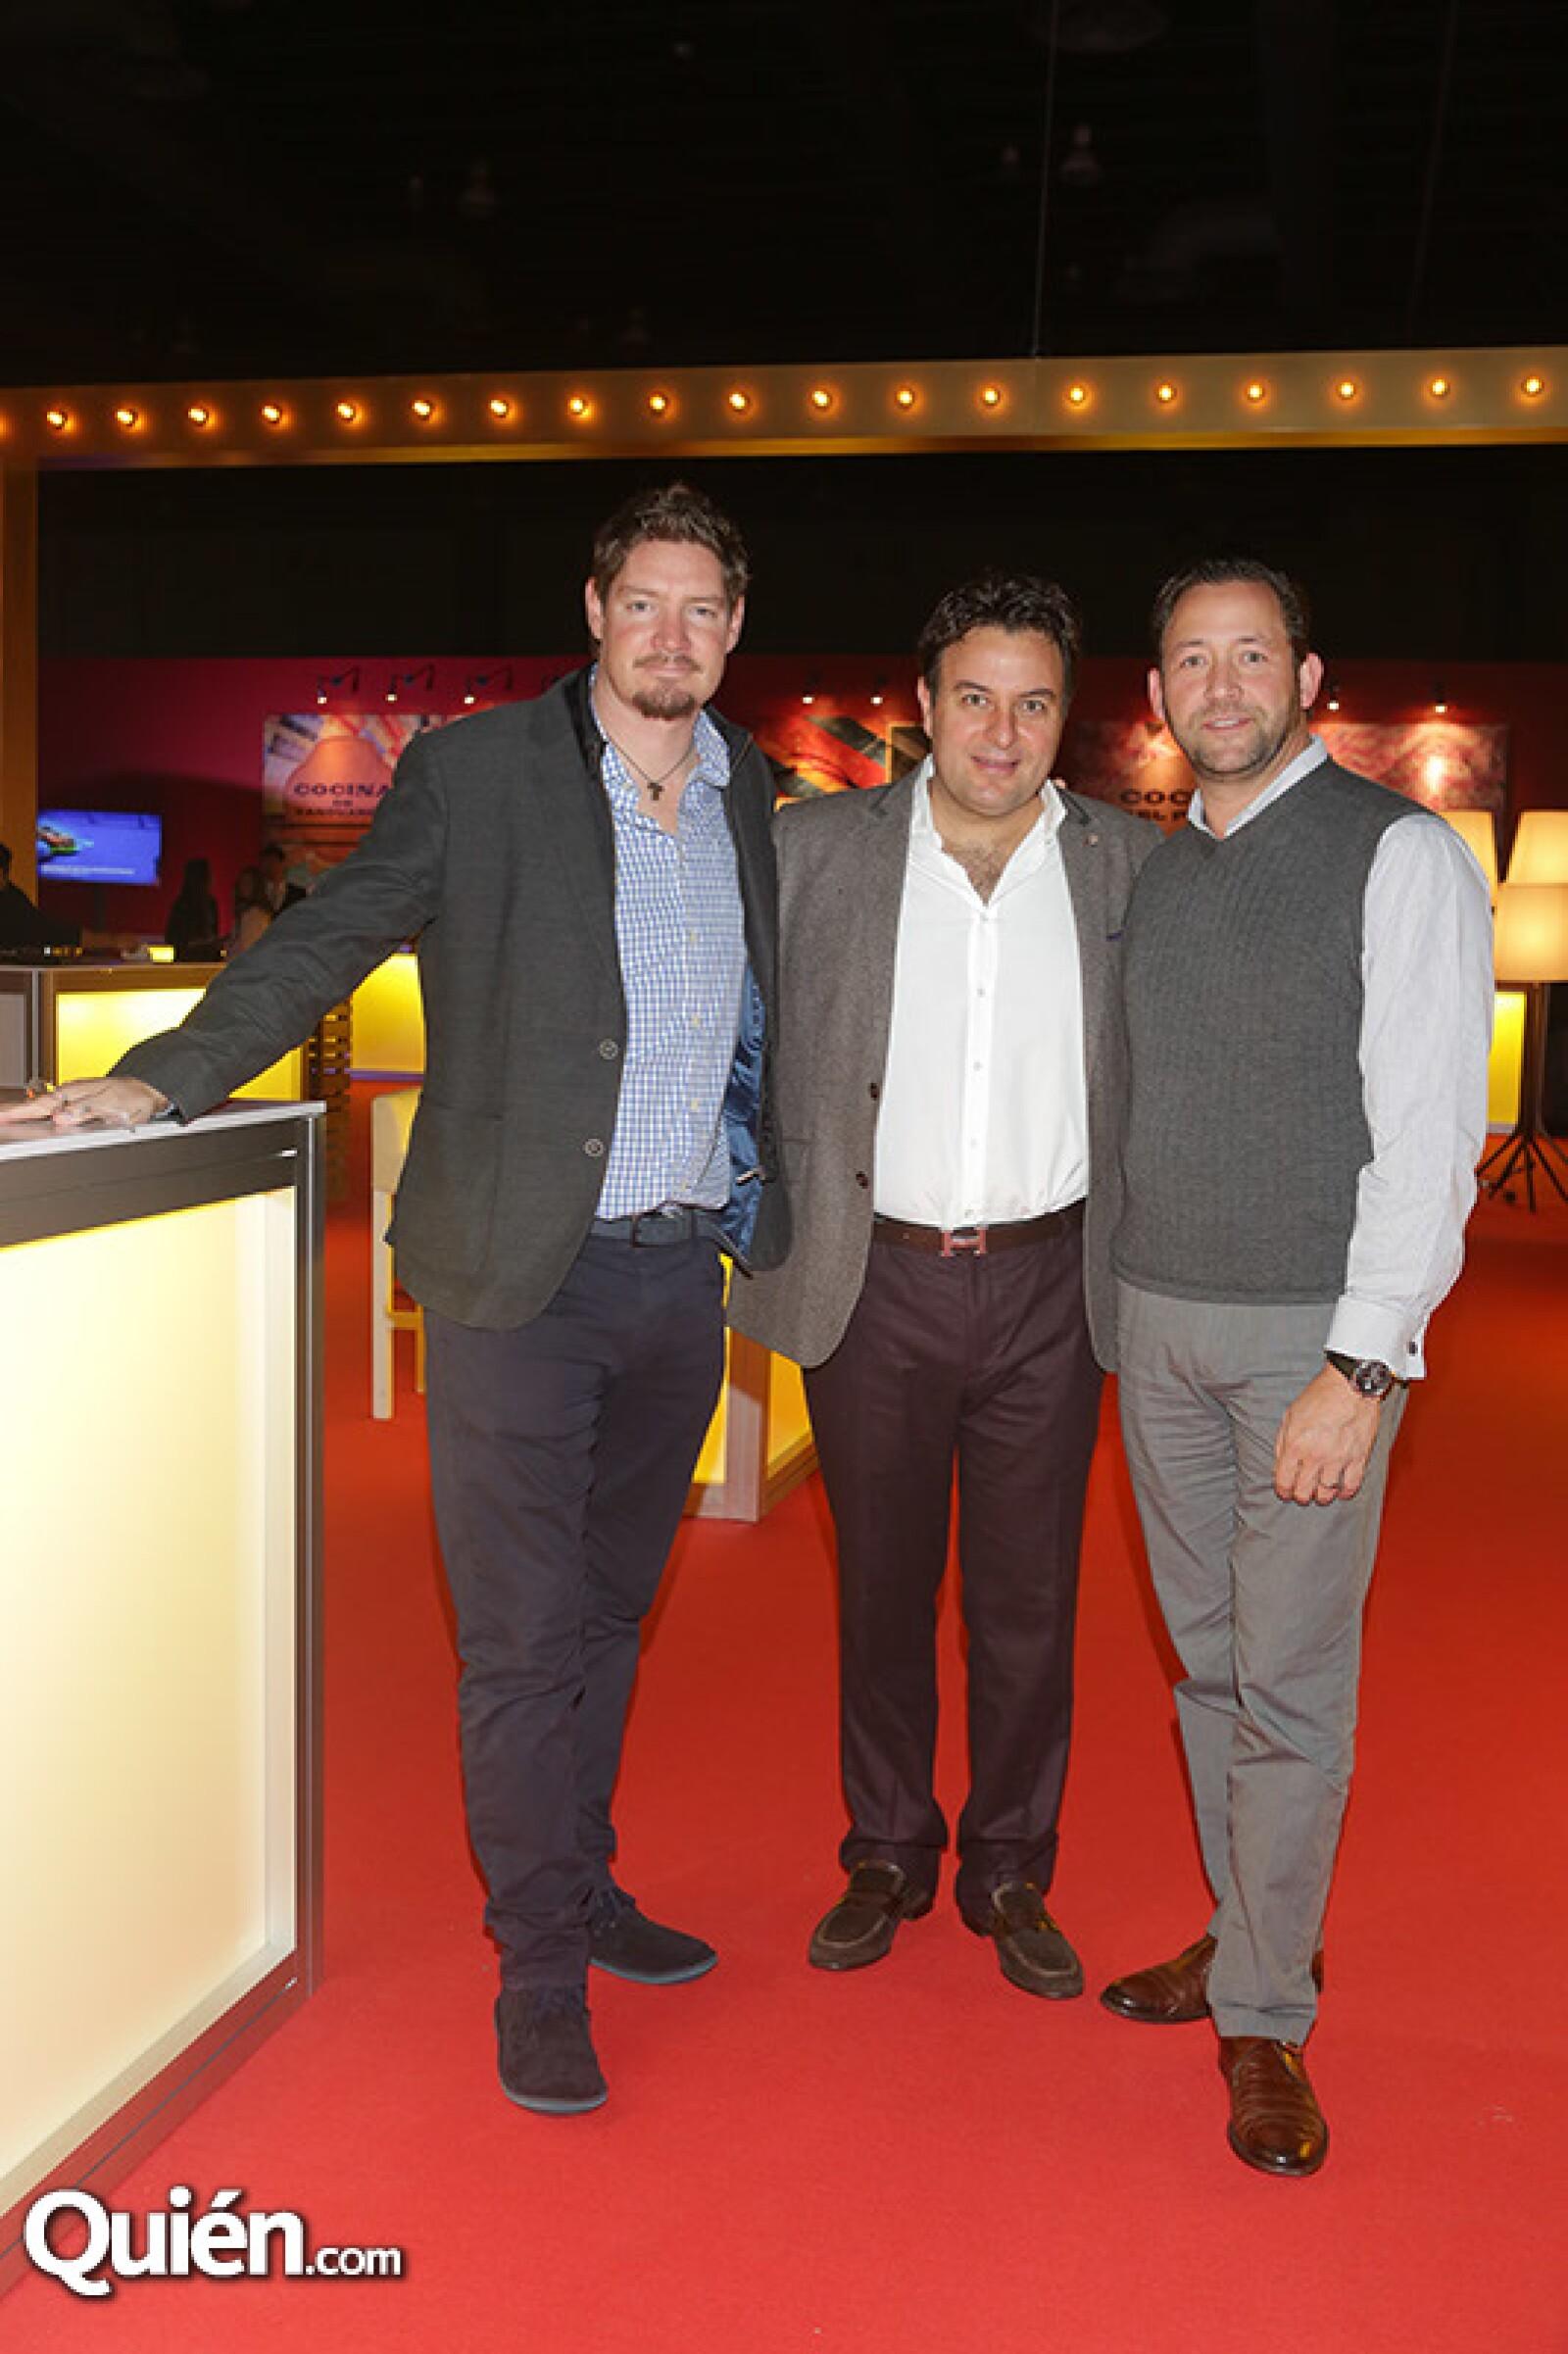 Geranrdo Reinking, Iván Hidalgo y Gerardo Jean